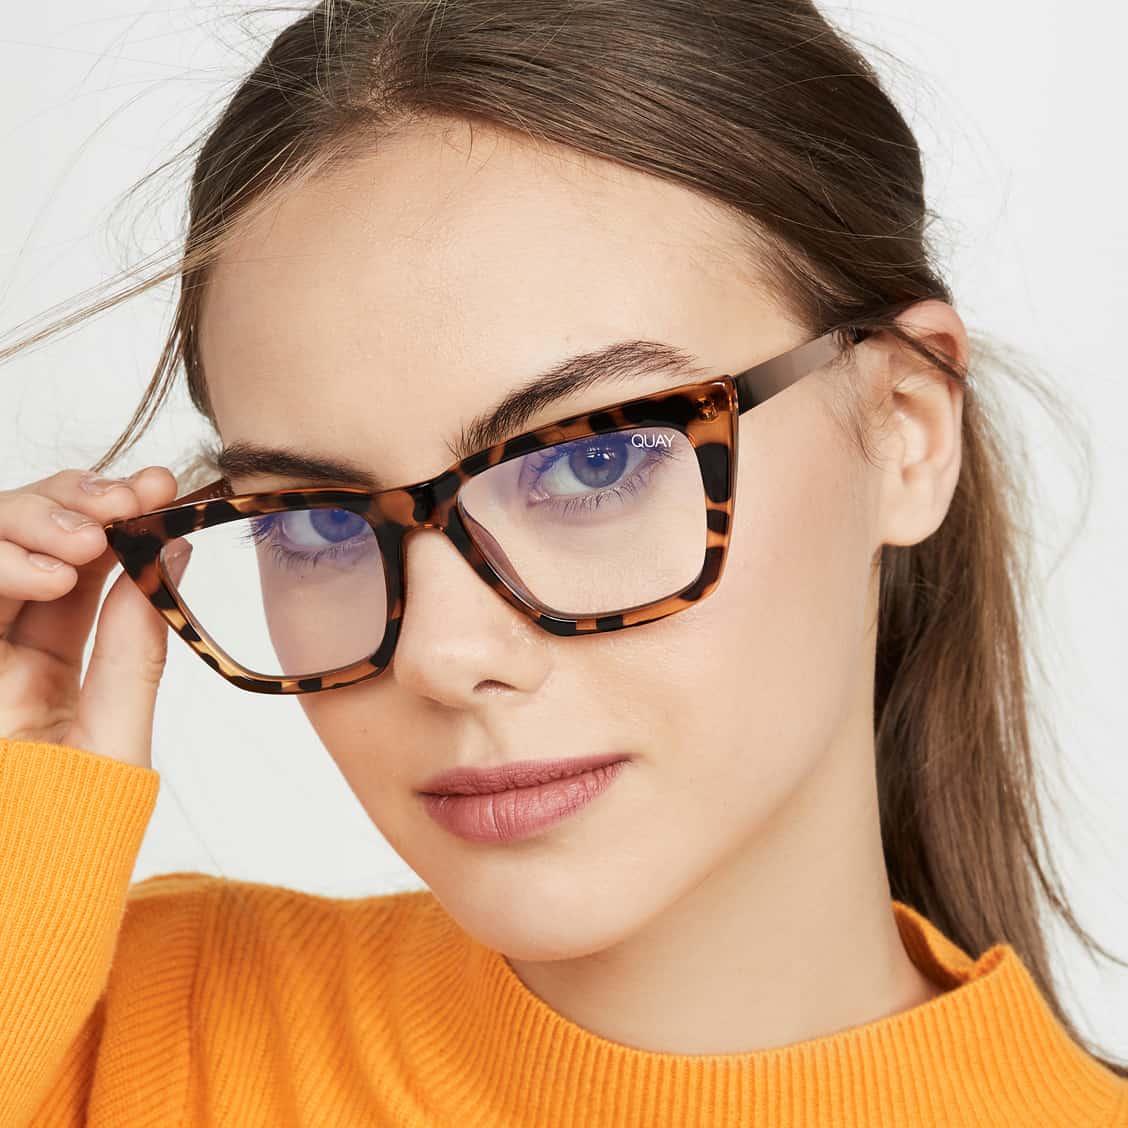 Quay Don't at Me Blue Light Glasses